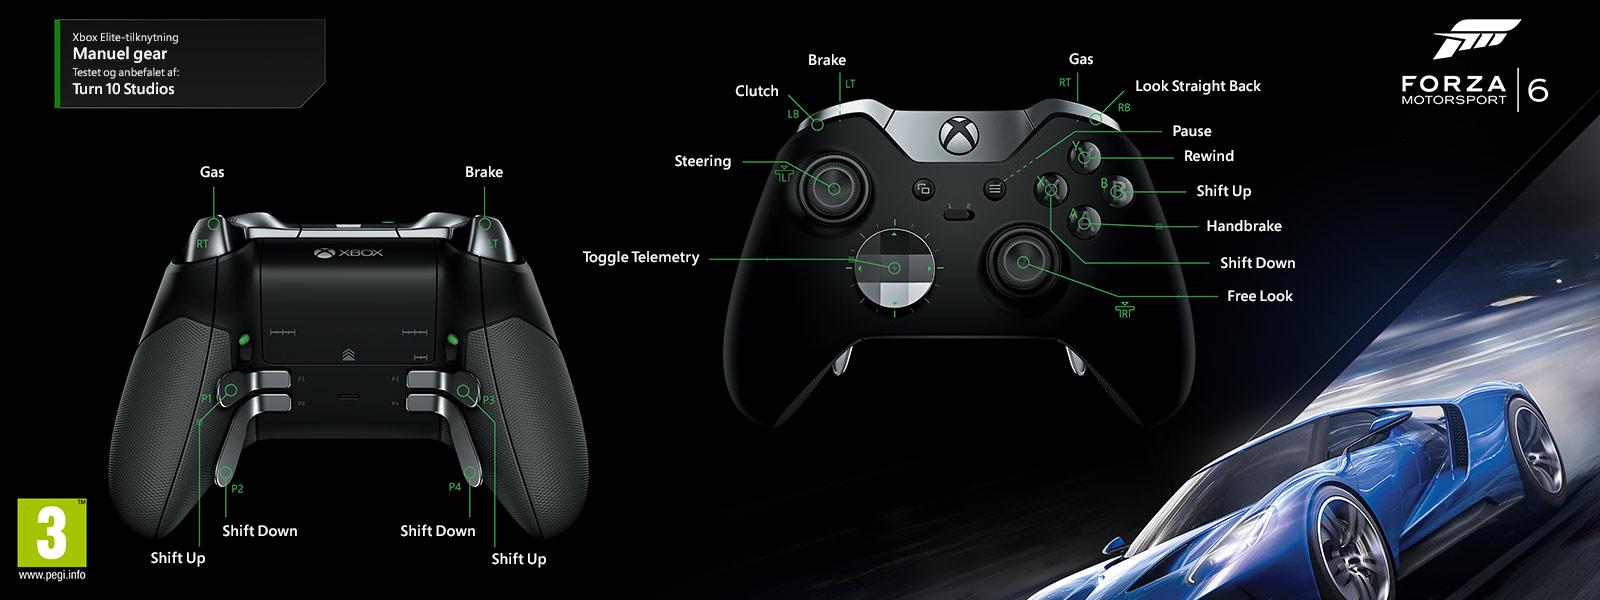 Forza Motorsport 6 – Elite-konfiguration til manuelt gear